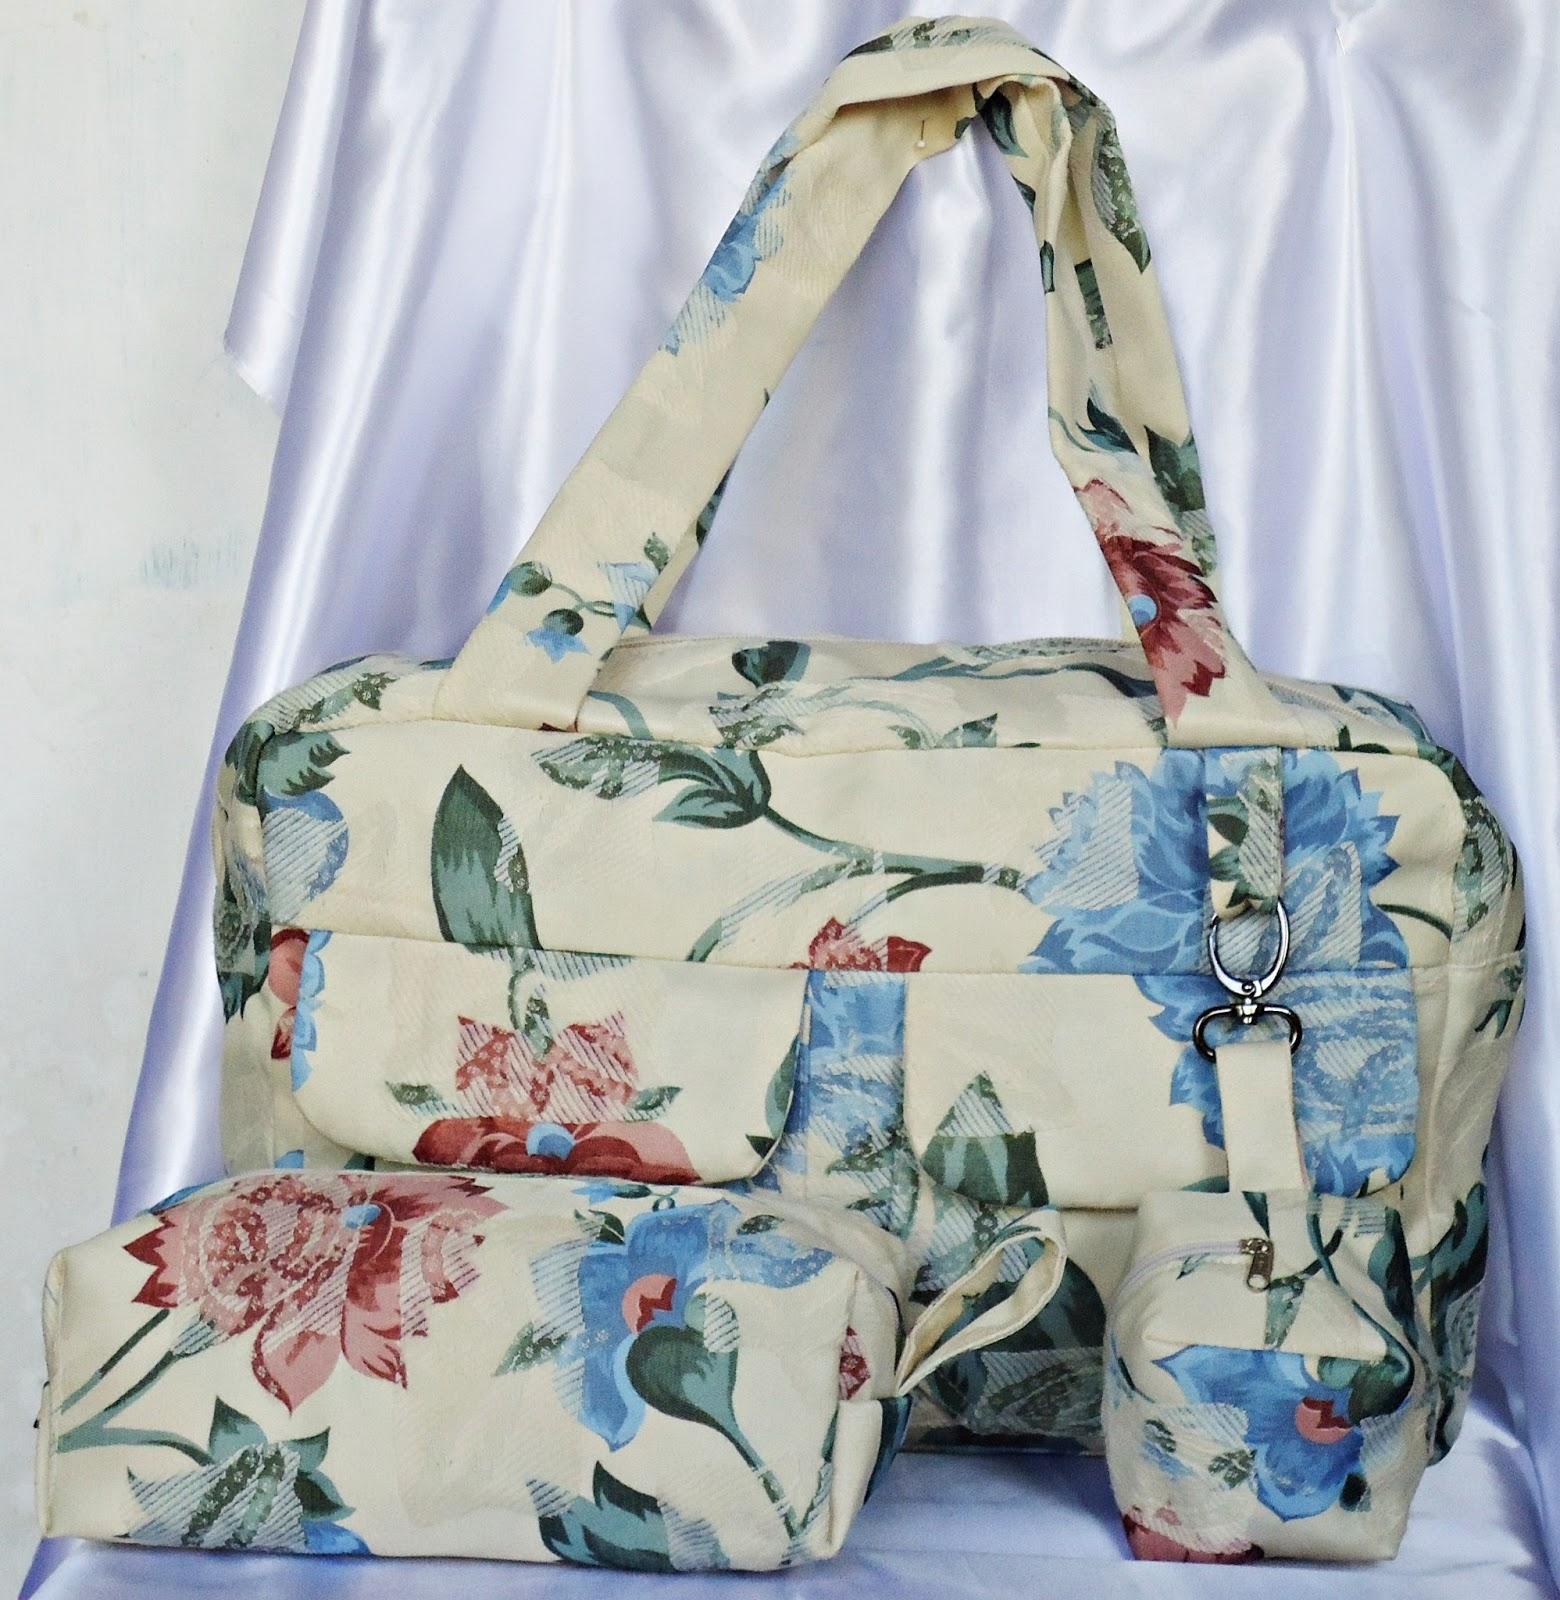 Bolsa De Tecido Artesanal Passo A Passo : A modista bolsas artesanais bolsa em tecido jacquard